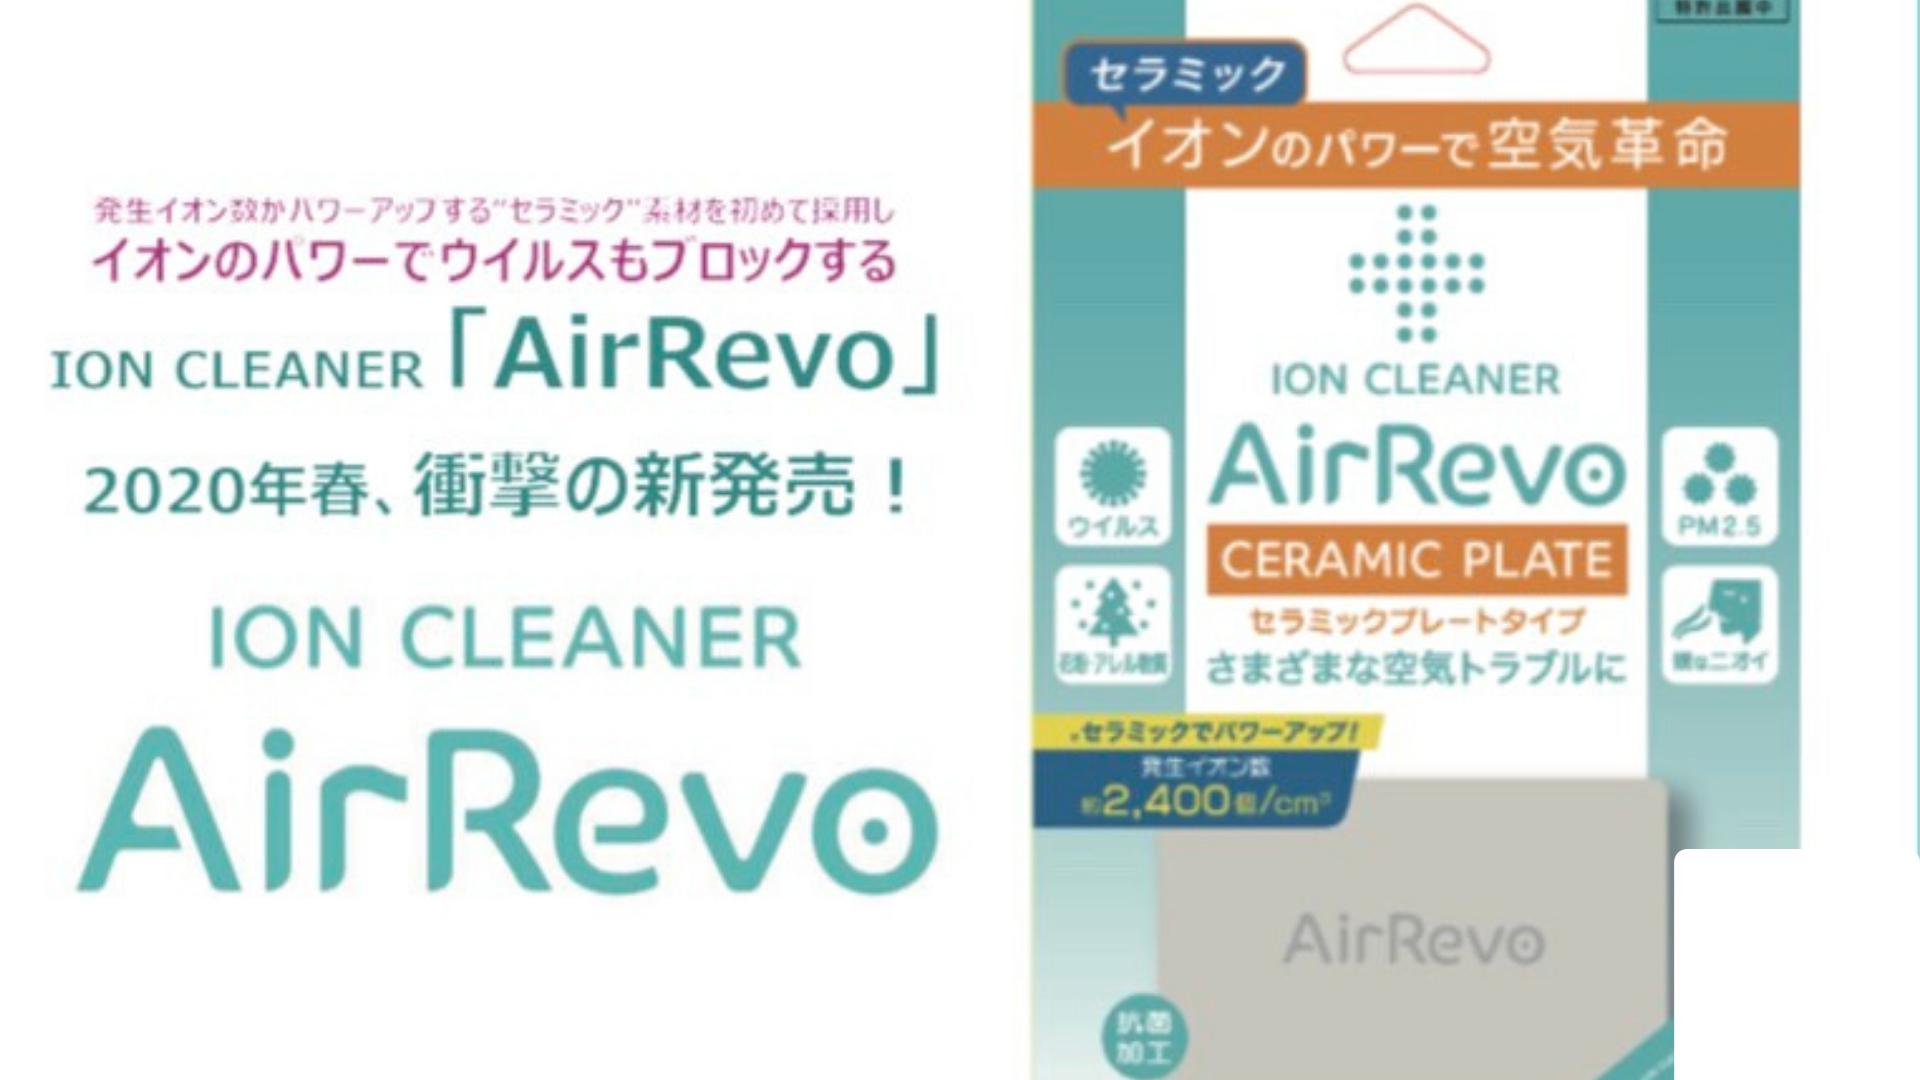 Air Revo